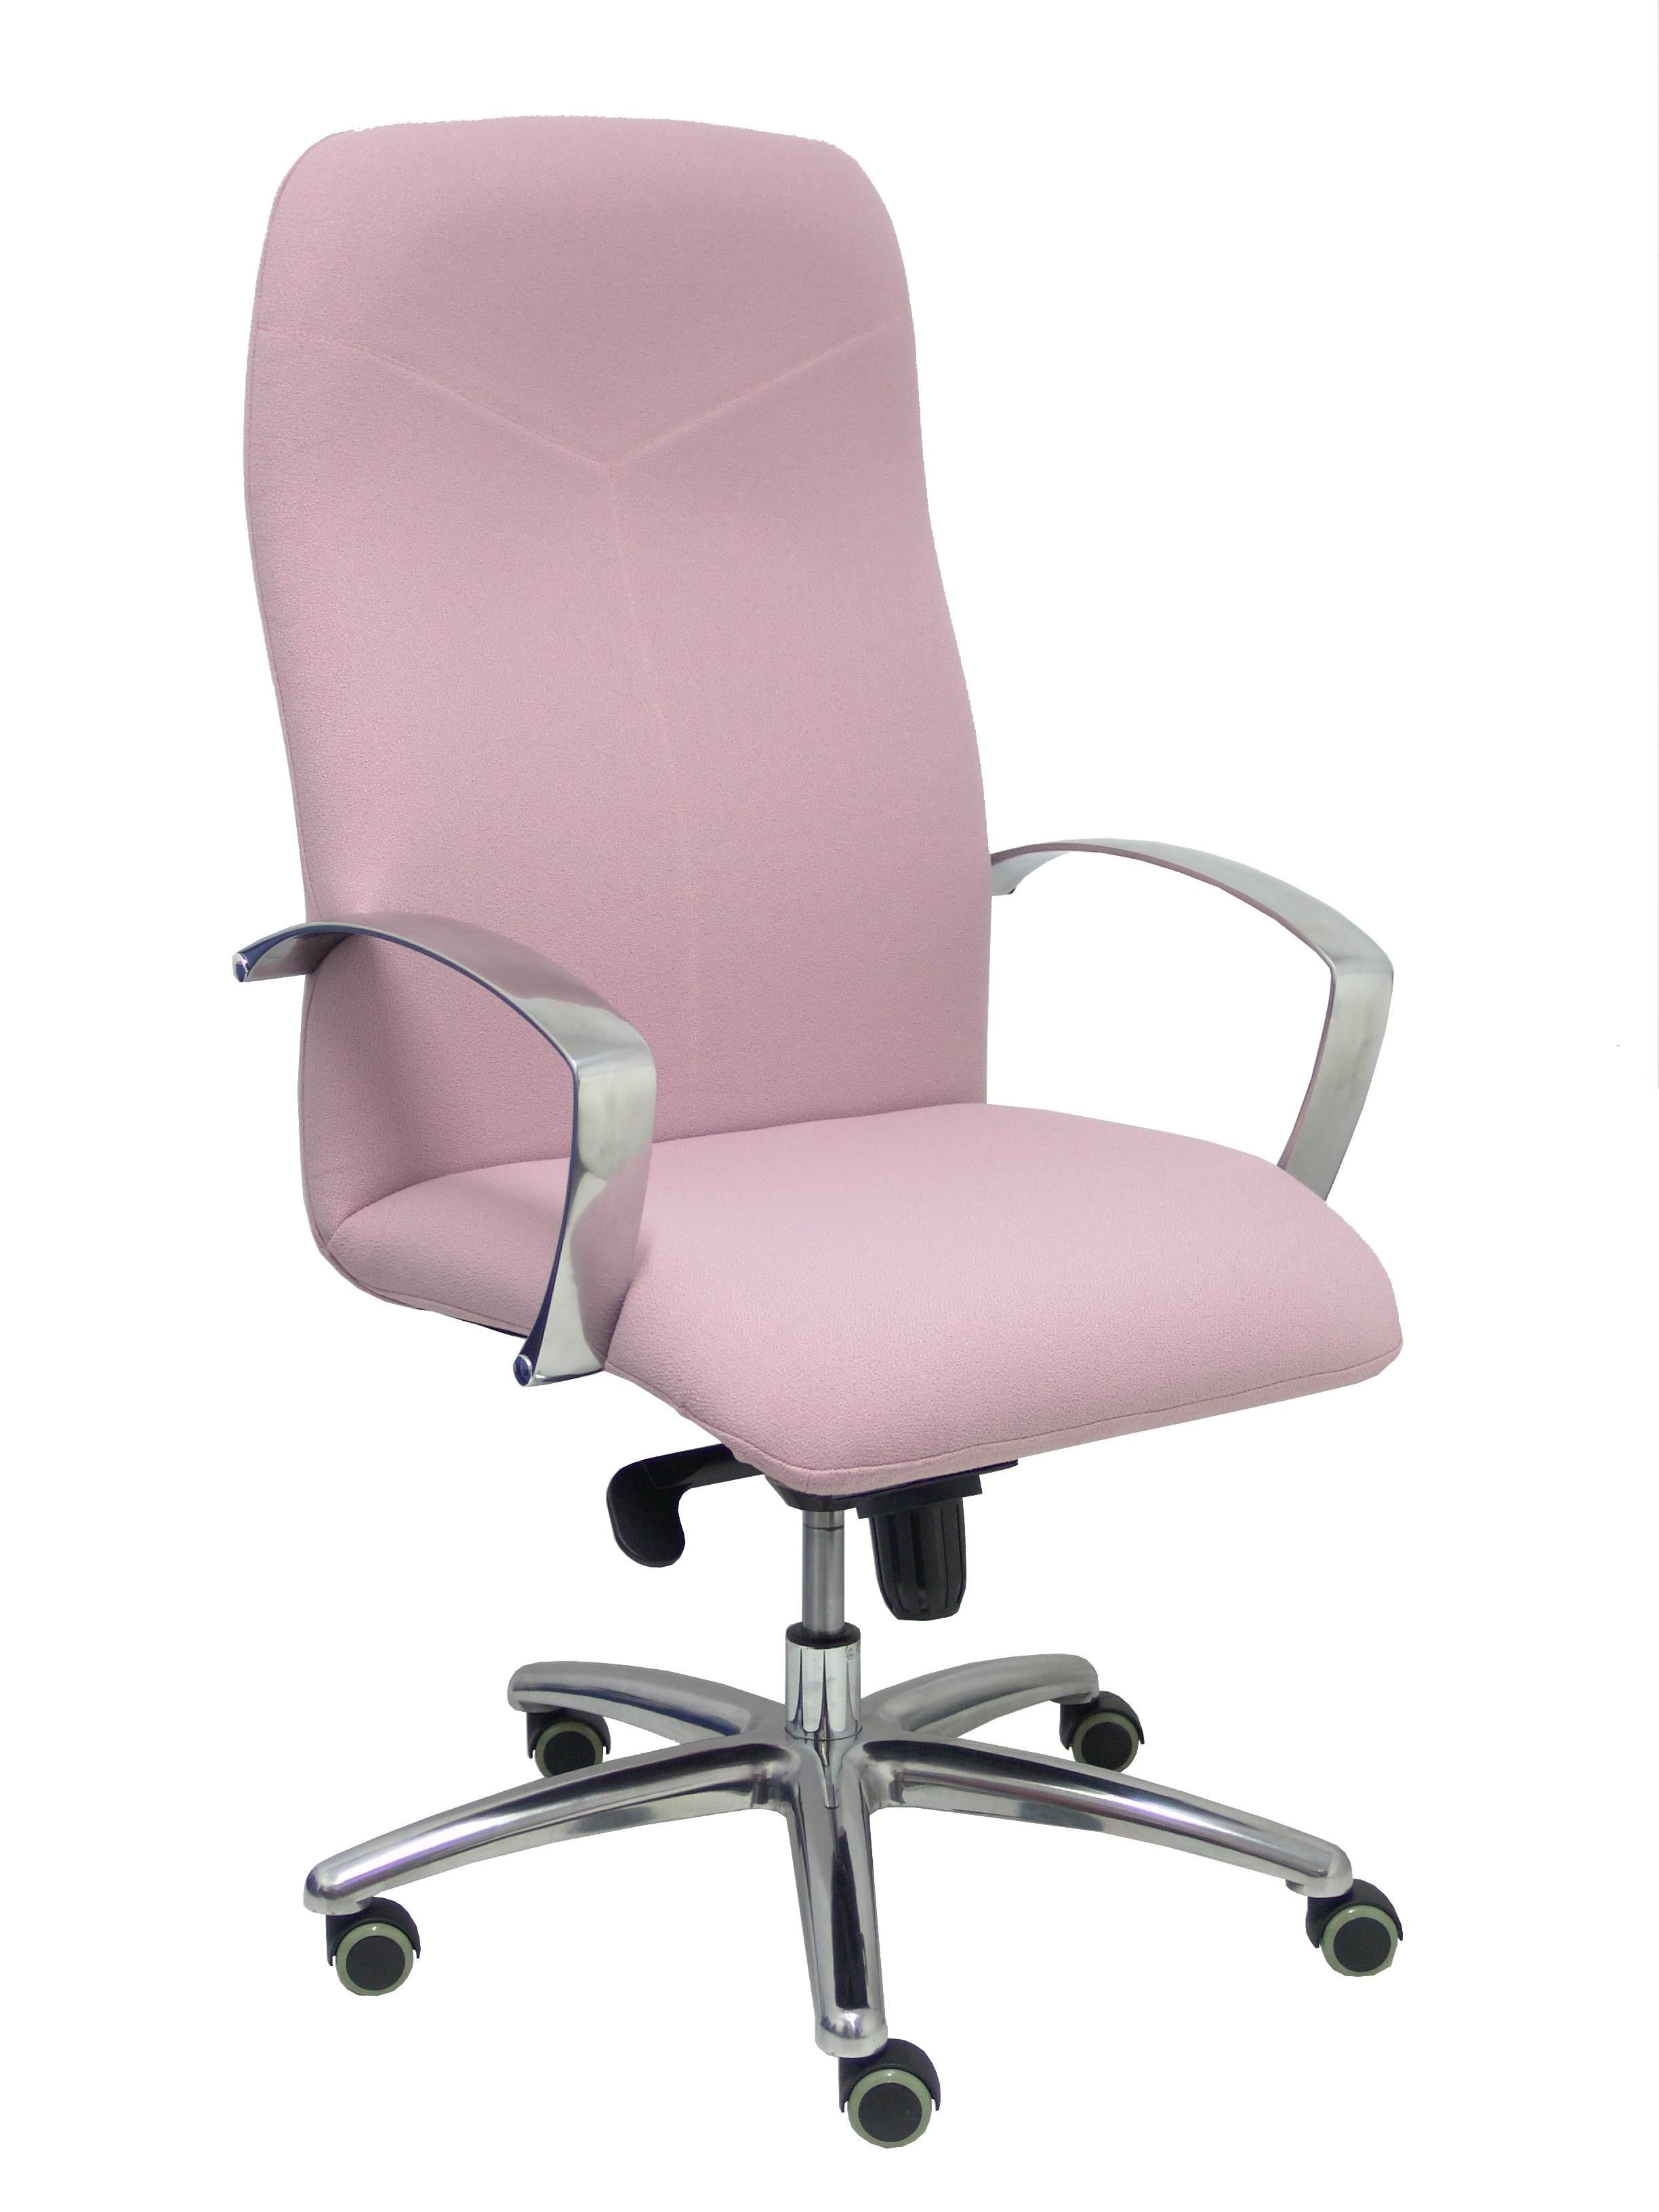 Sillón Caudete bali rosa pálido